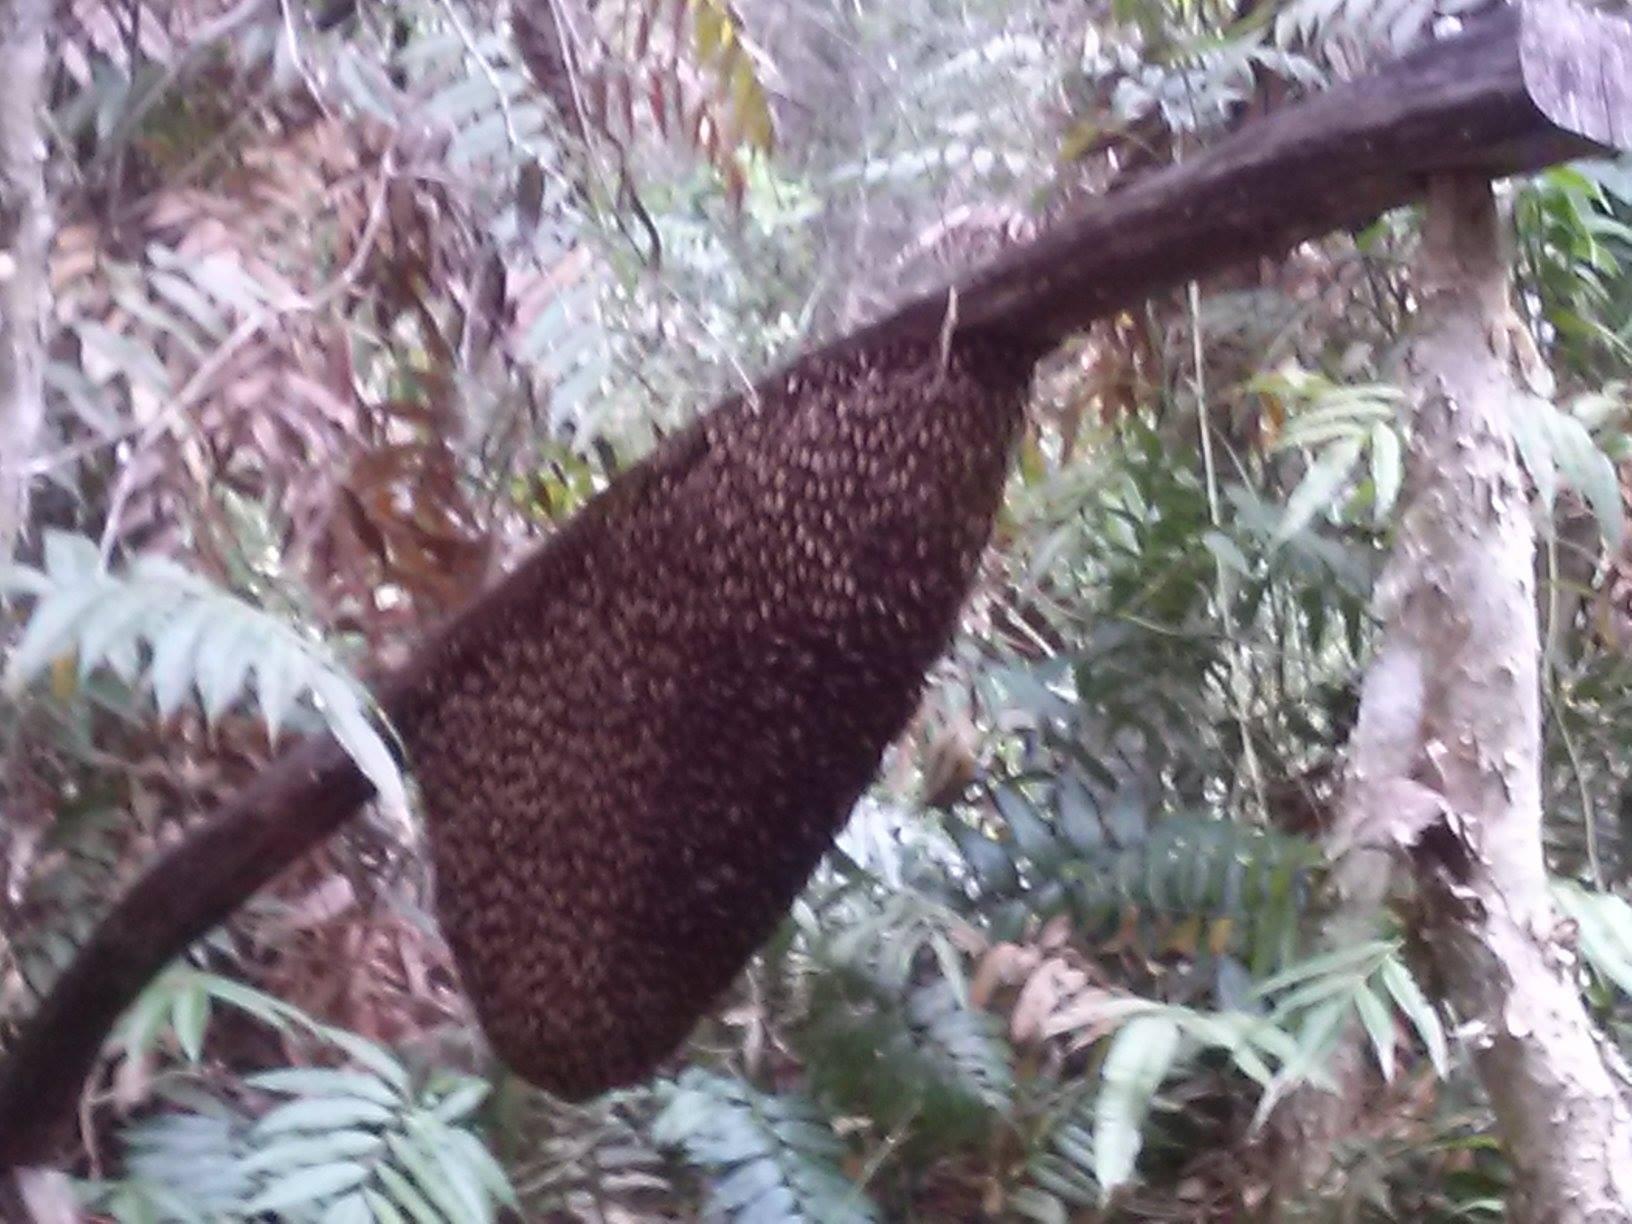 Mật Ong Rừng,Mật Ong Rừng U Minh,mật ong nguyên chất